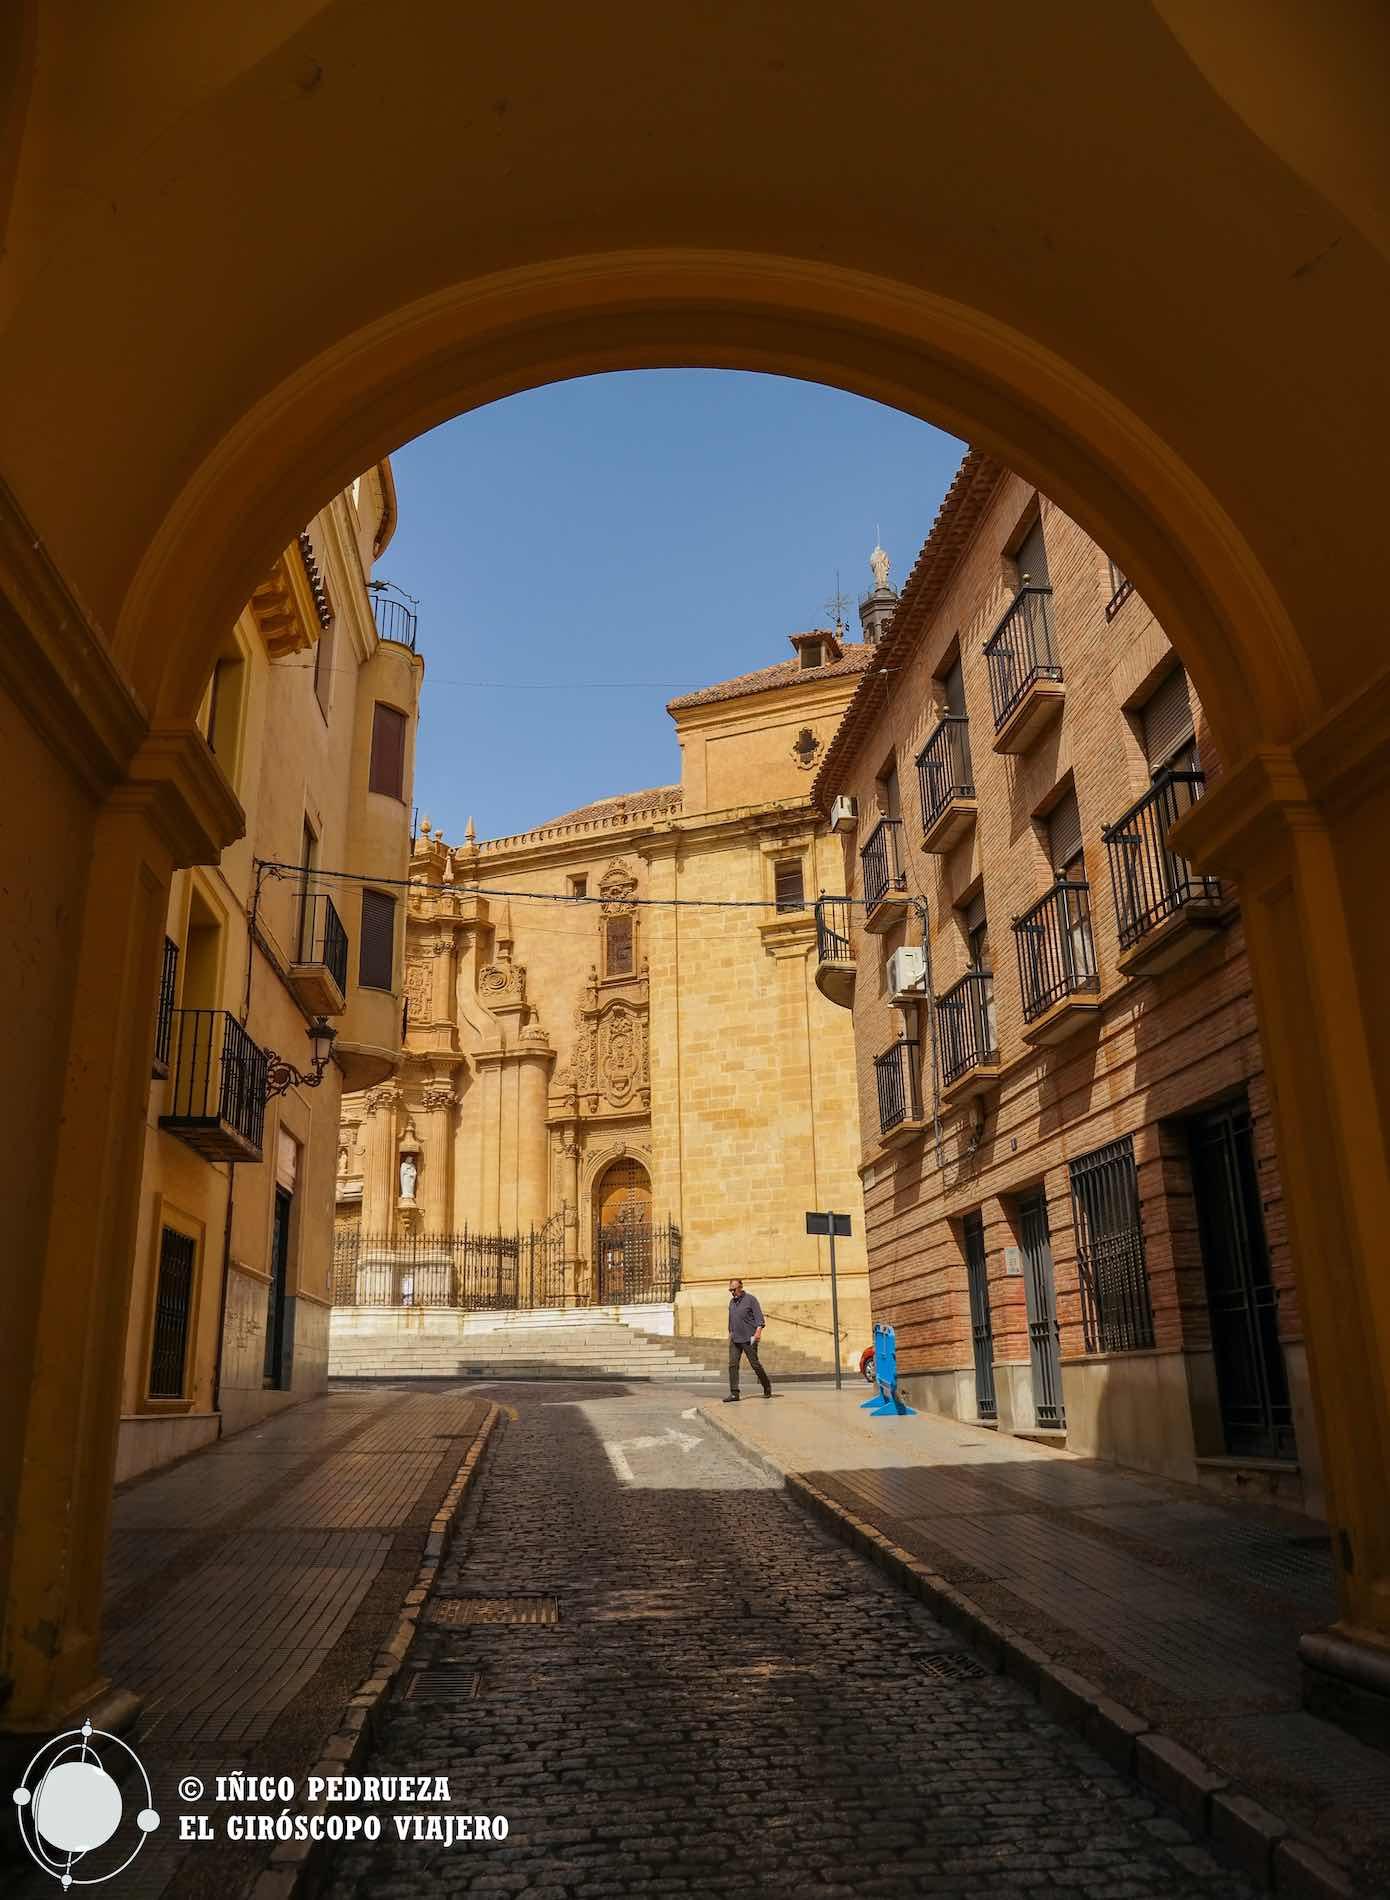 Arco en la Plaza de la Constitución, donde se encuentra la Casa Consistorial. Se ve la Catedral al fondo.